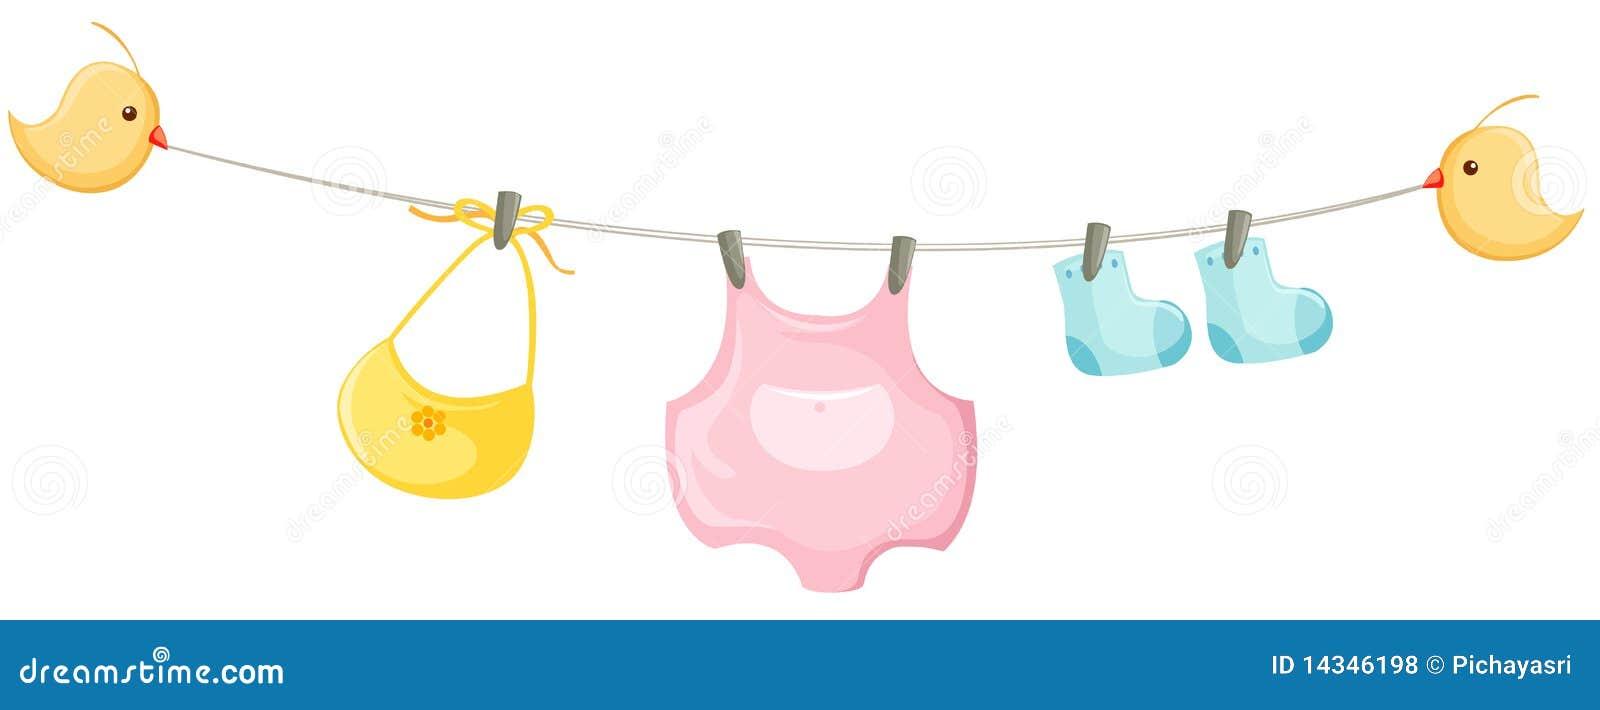 La ilustraci  243 n del beb  233  aislado arropa en una cuerda para tender la